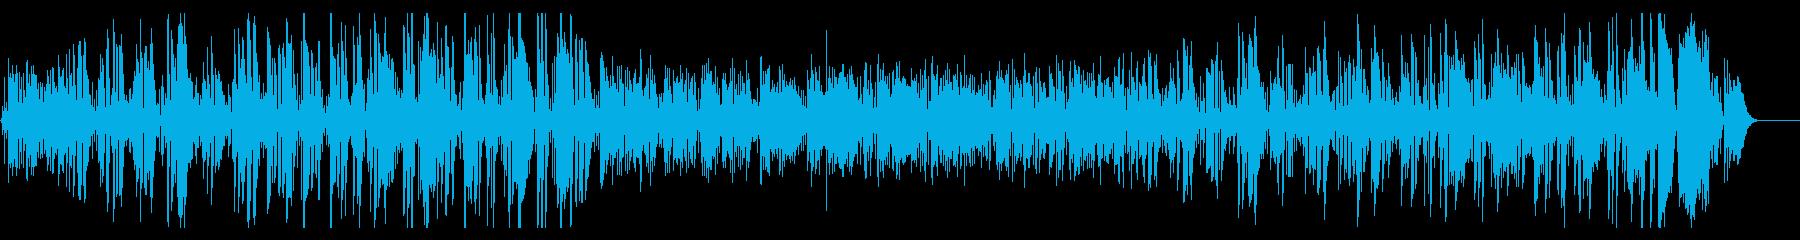 プロジャズ歌手のクリスマス曲ジングルベルの再生済みの波形